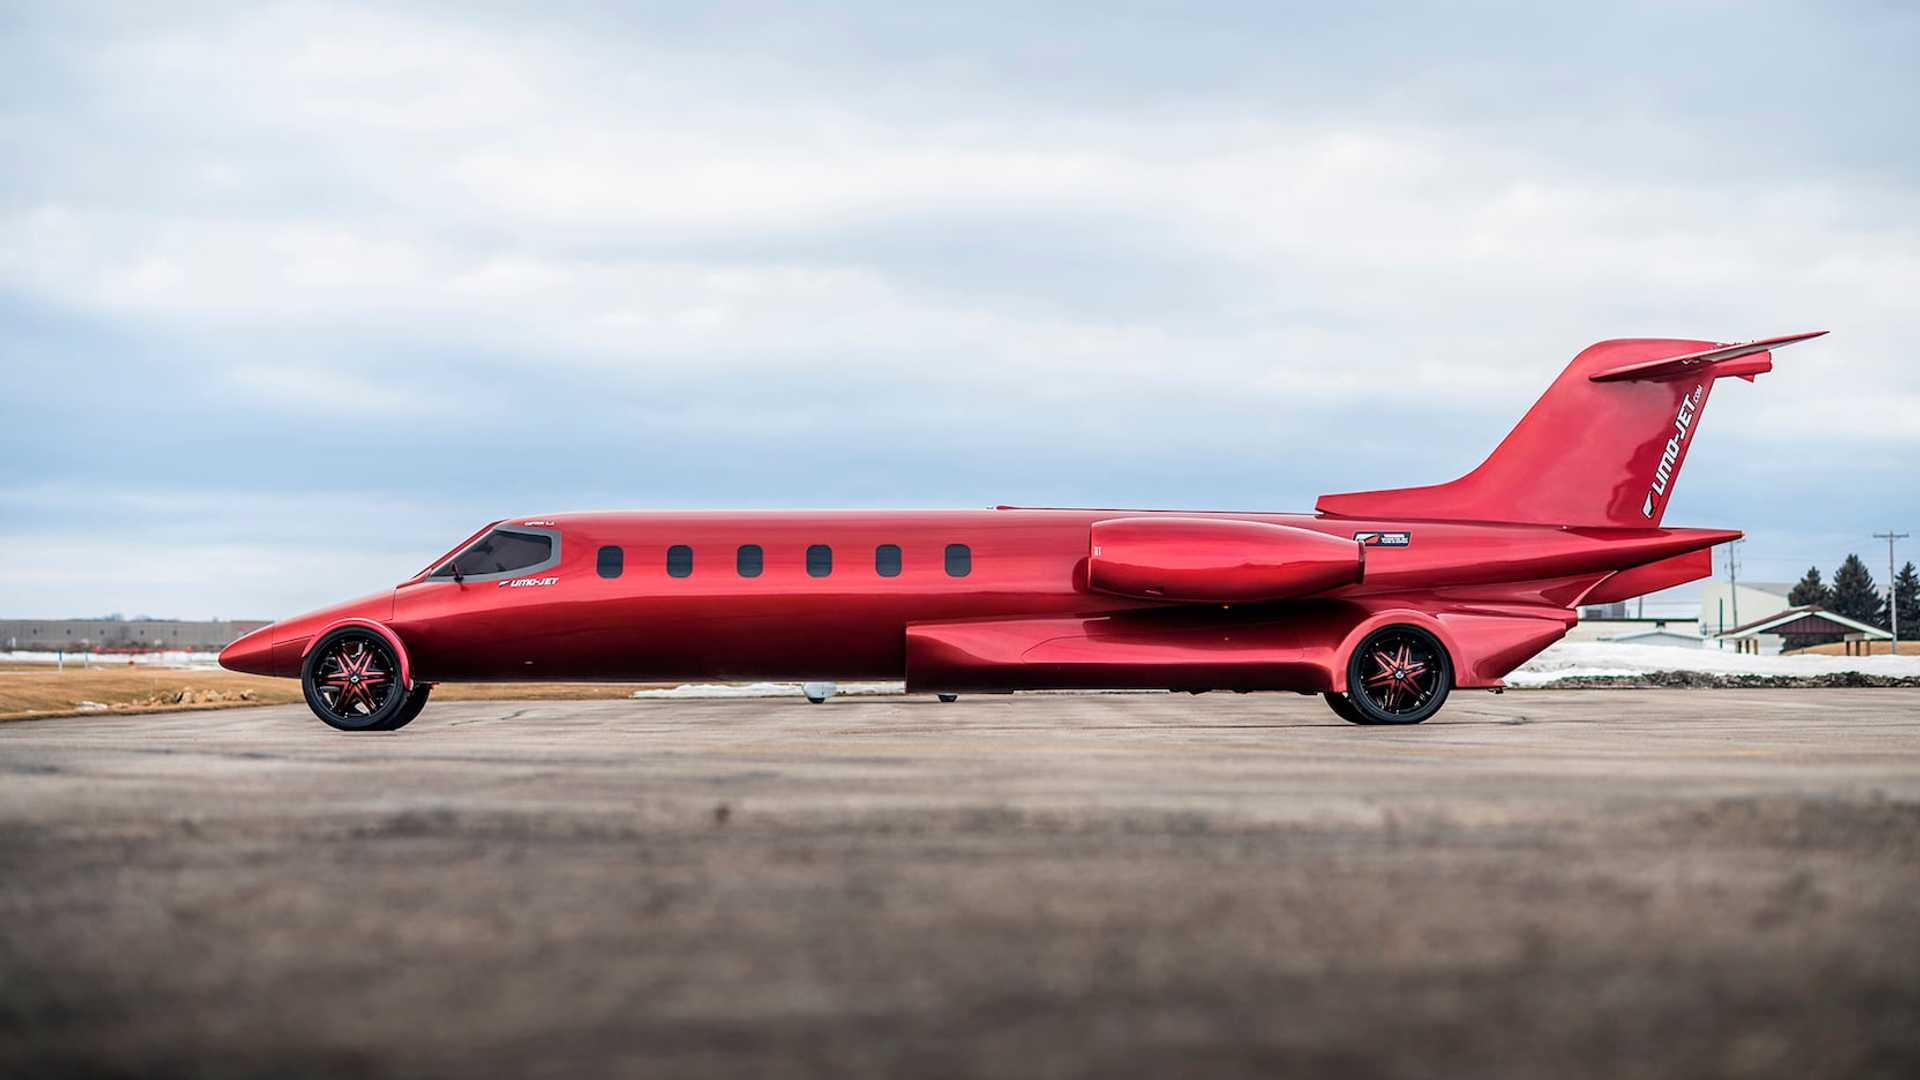 Limo-Jet